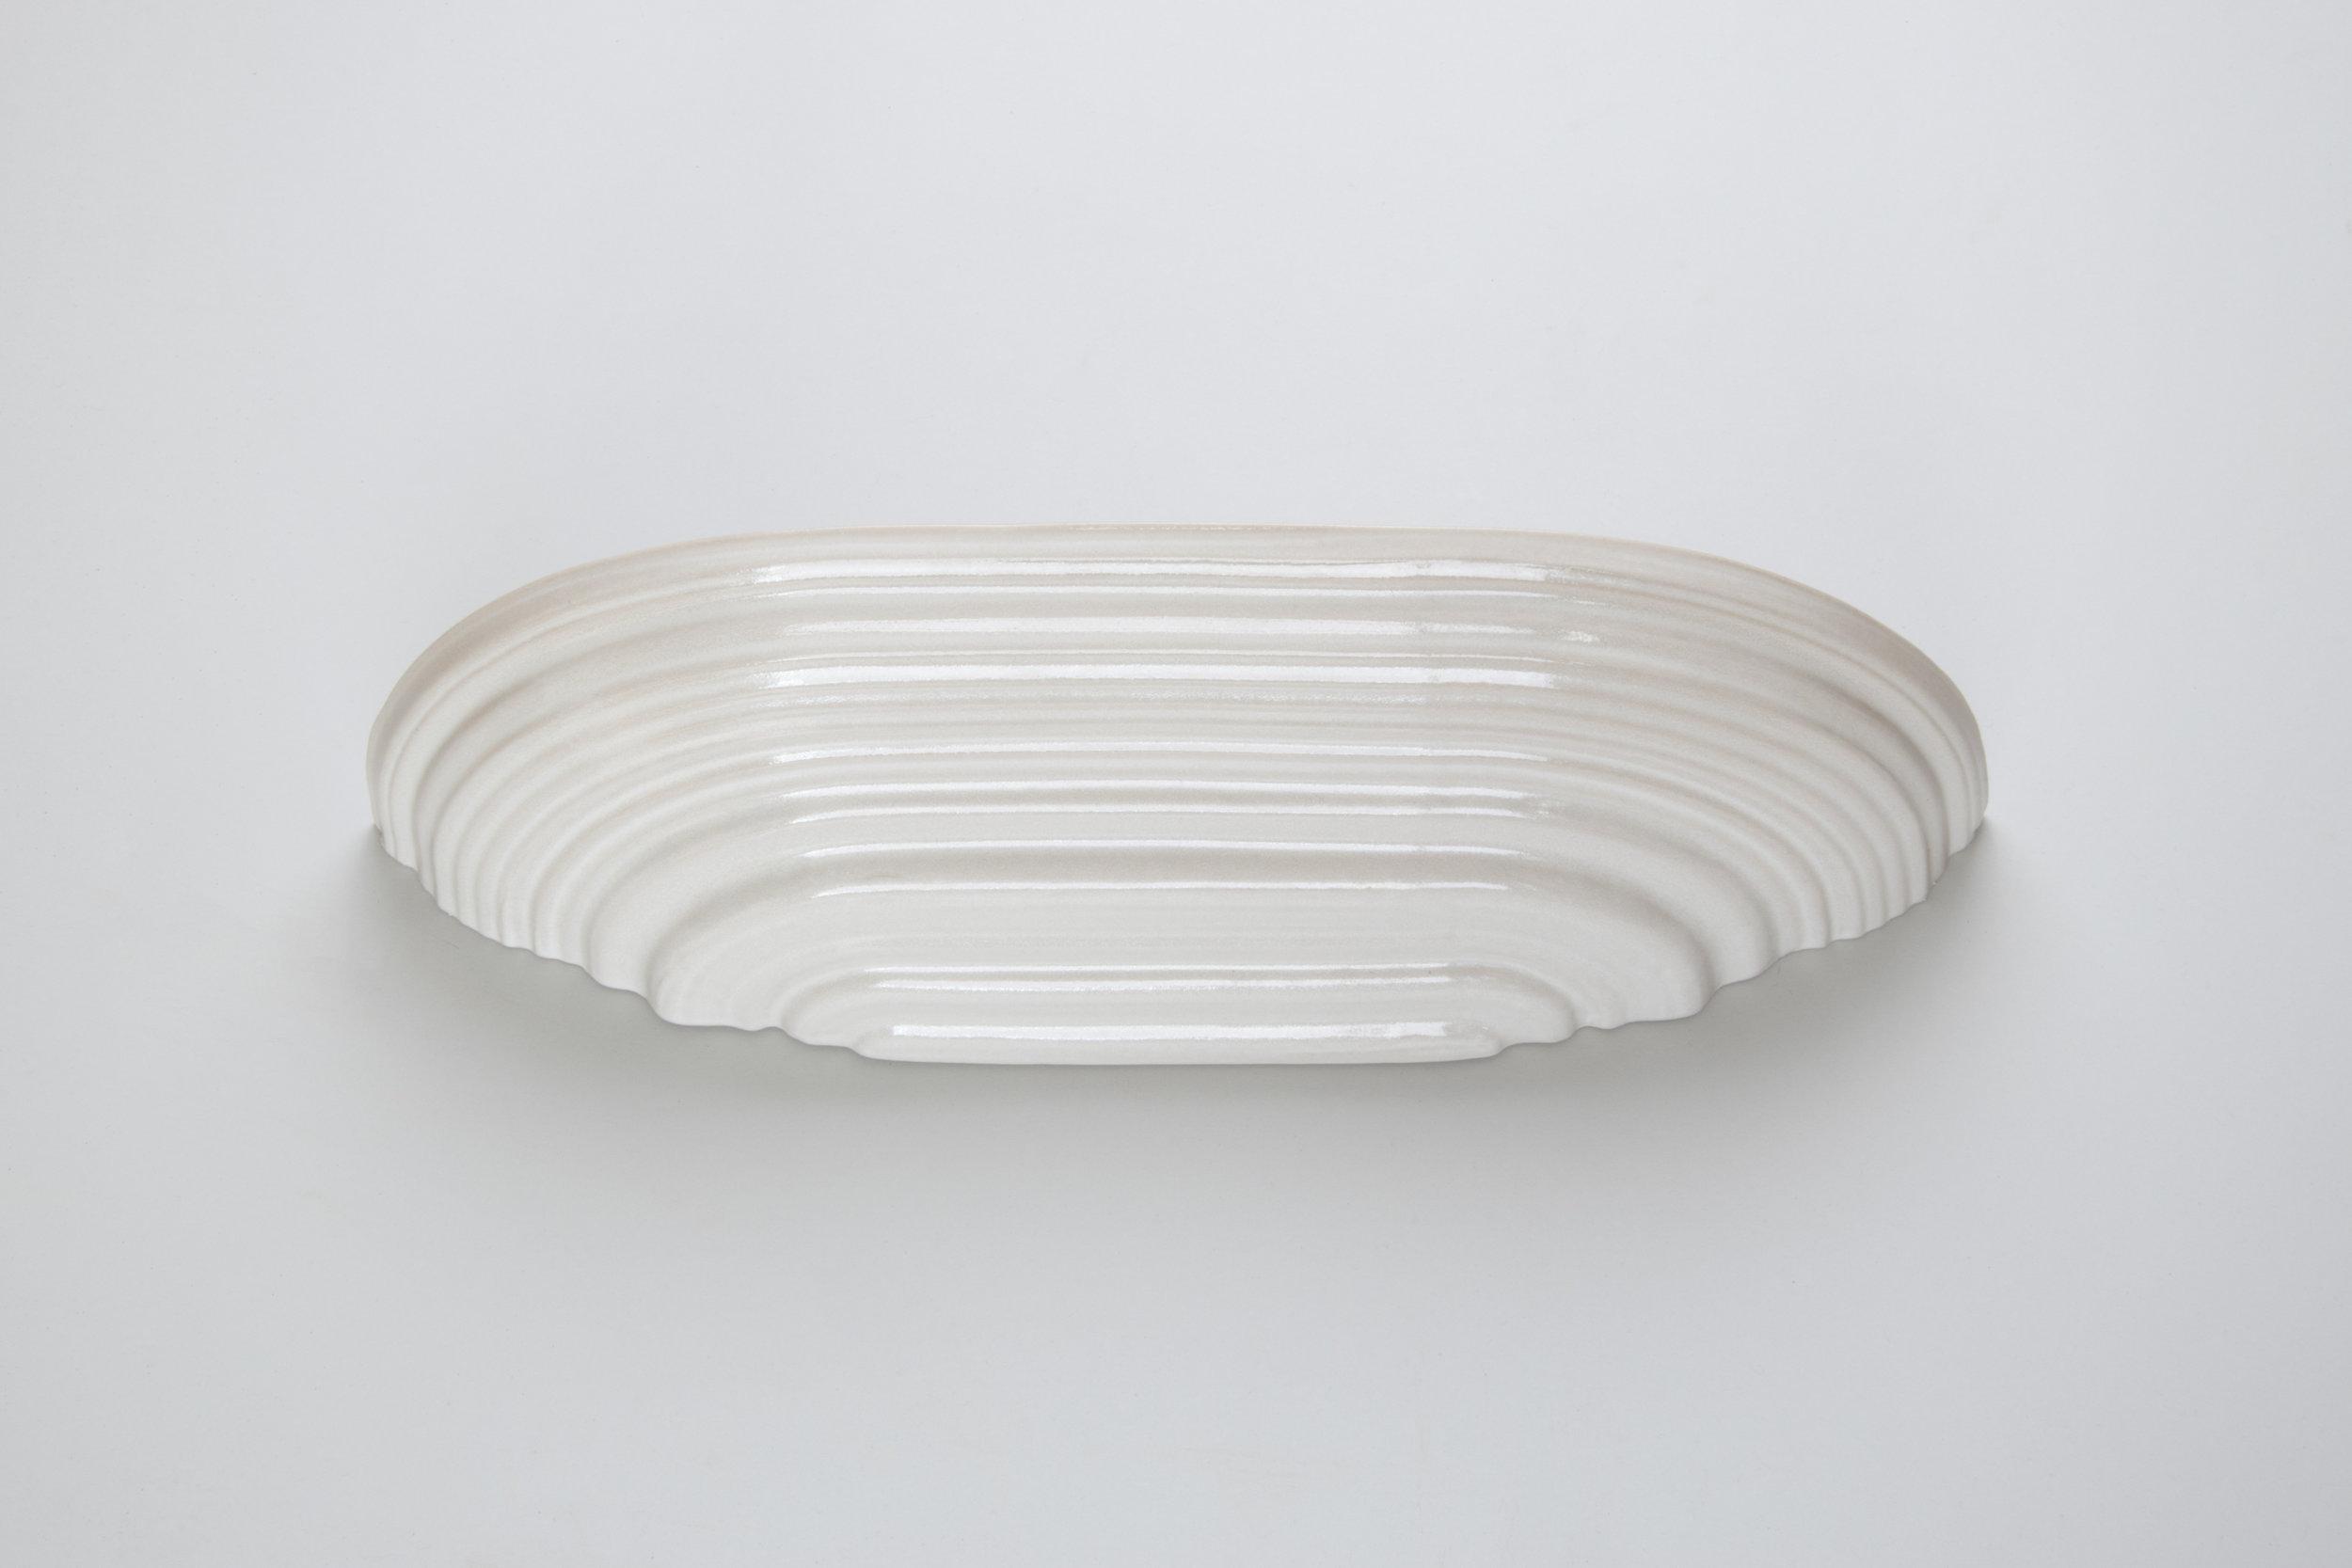 Boschroom L - low on grey - David Derksen Design.jpg